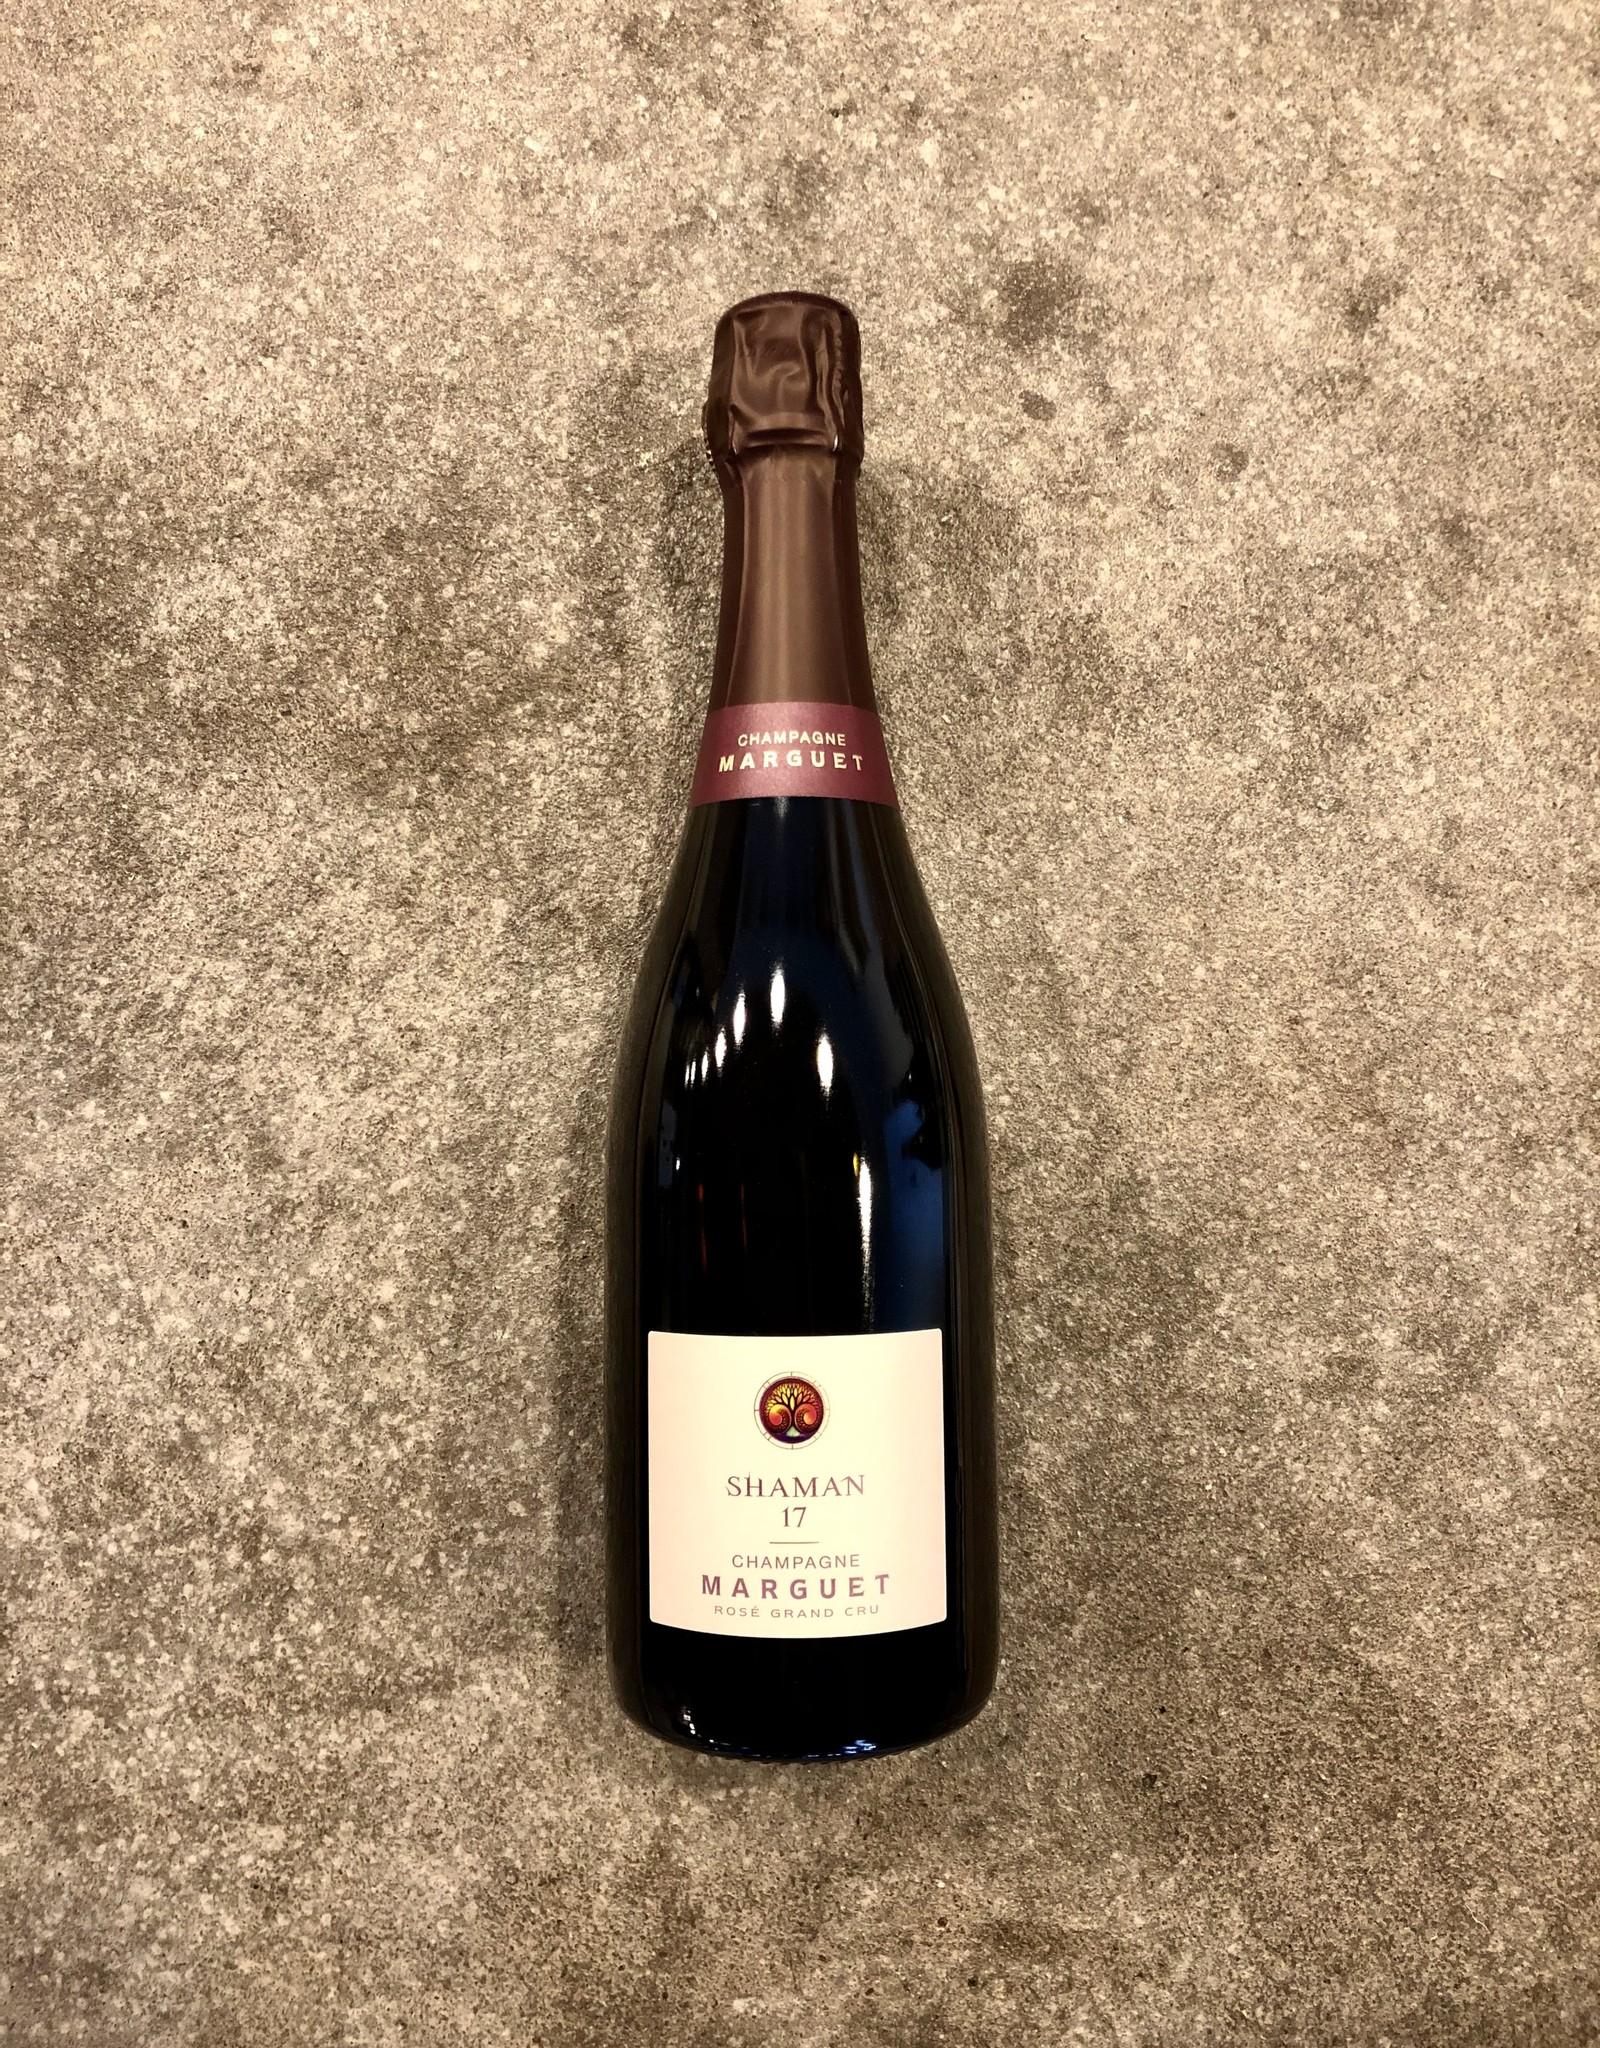 Champagne Marguet Shaman Rosé Grand Cru Brut Nature 201